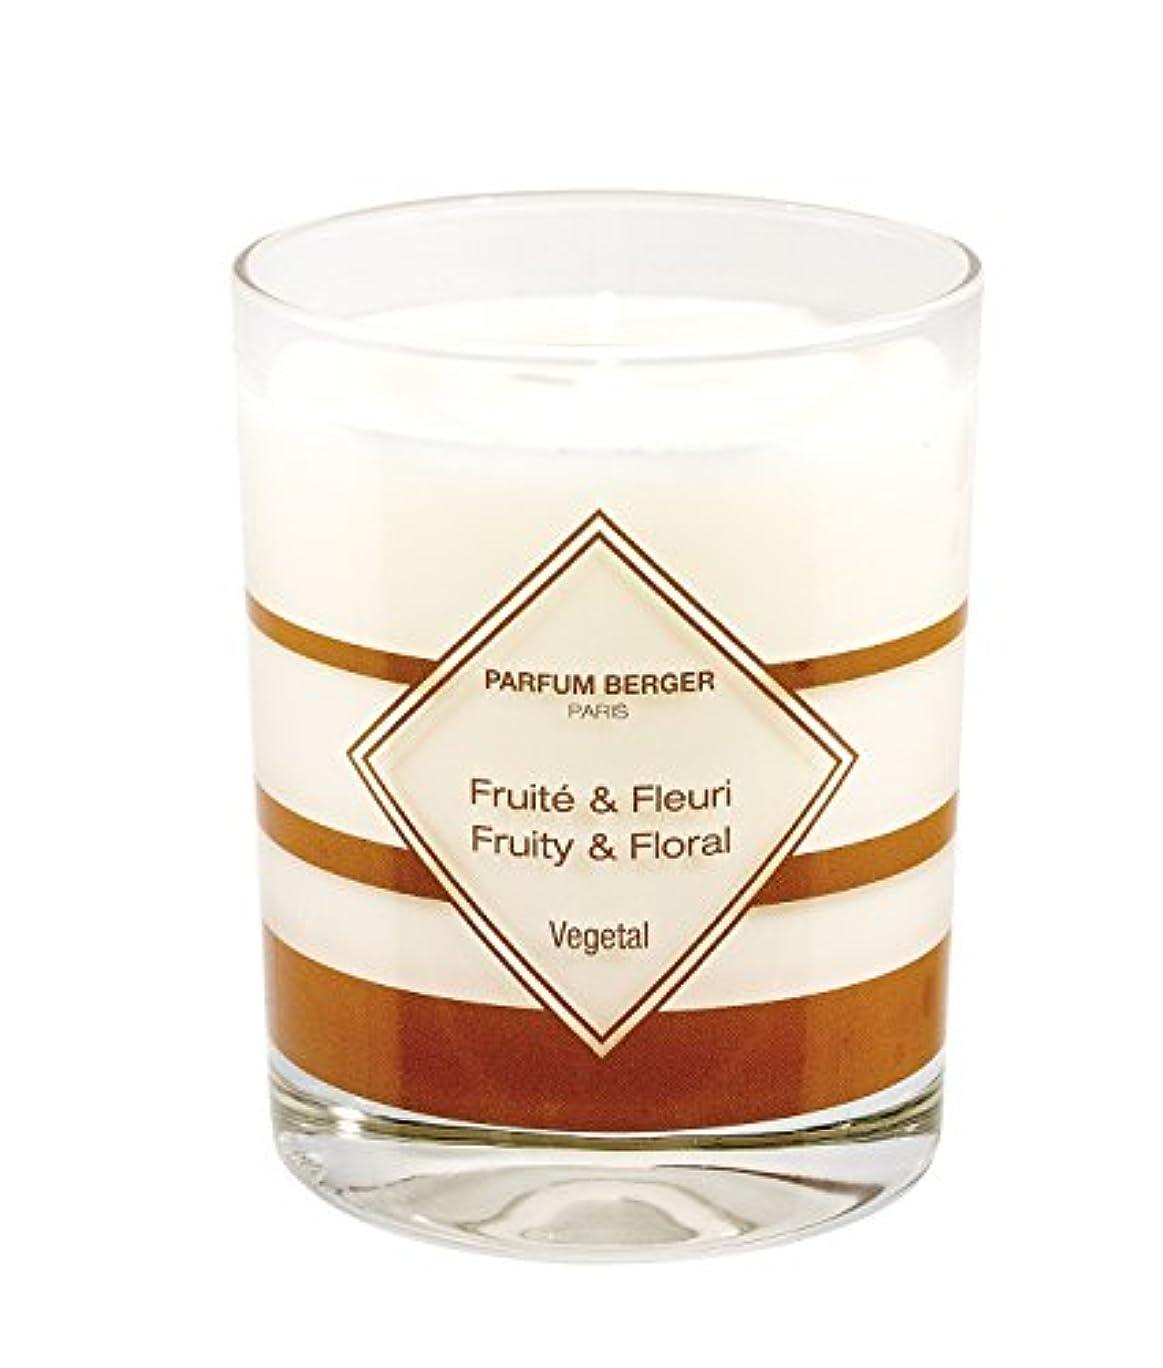 醸造所チャップ体操Parfum Berger/Lampe BergerアンチペットOdor Scented Candle – ガラス – ホワイト、10 x 10 x 10 cm